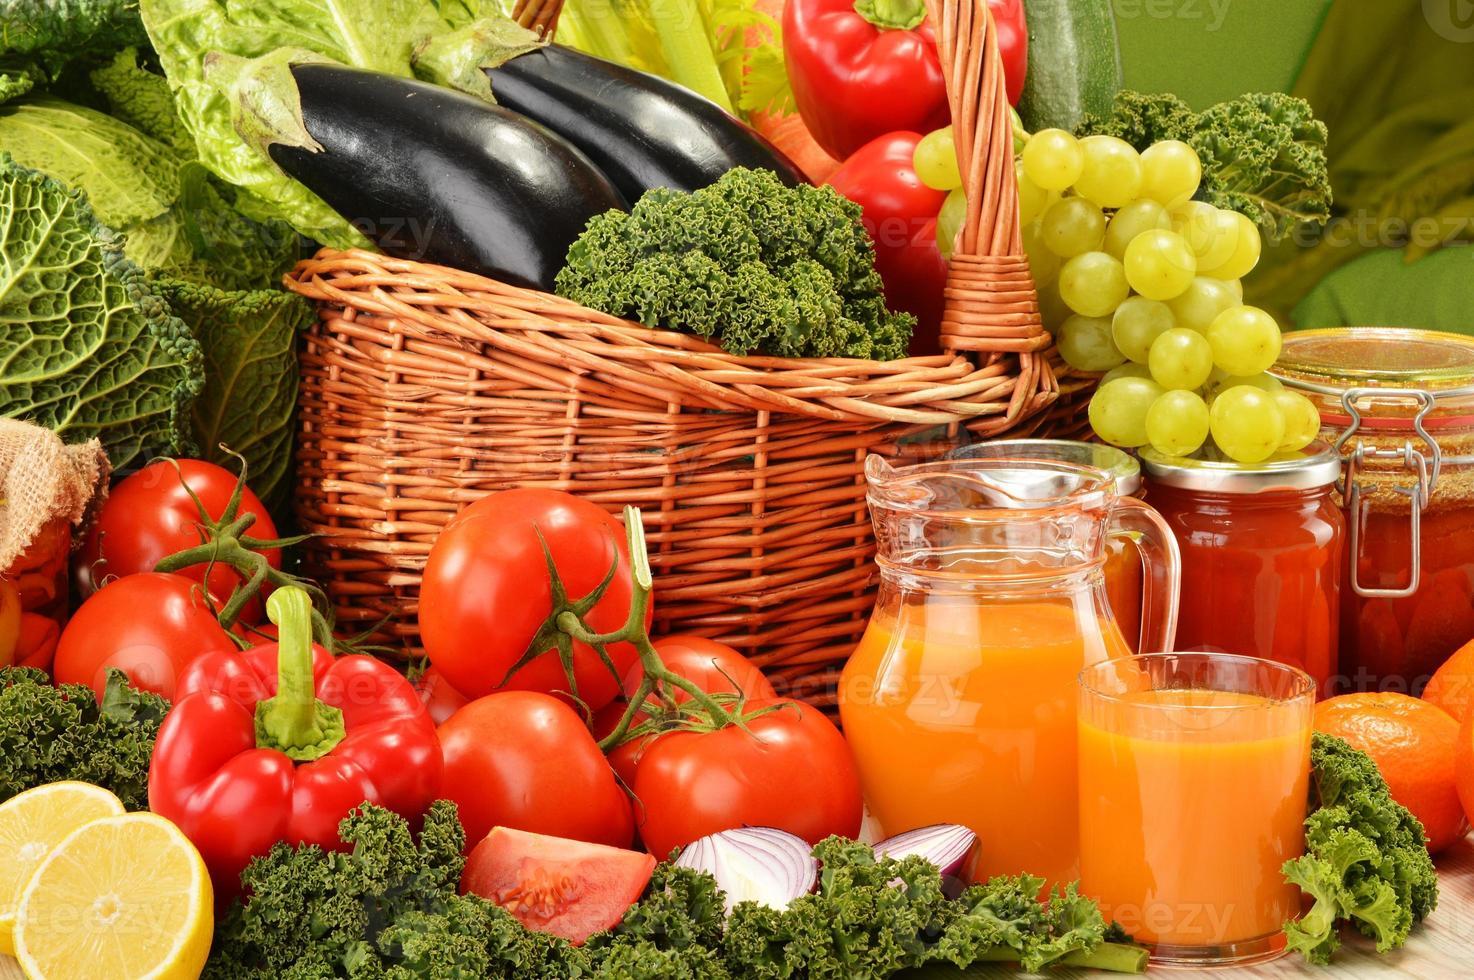 panier en osier avec assortiment de légumes et fruits biologiques photo